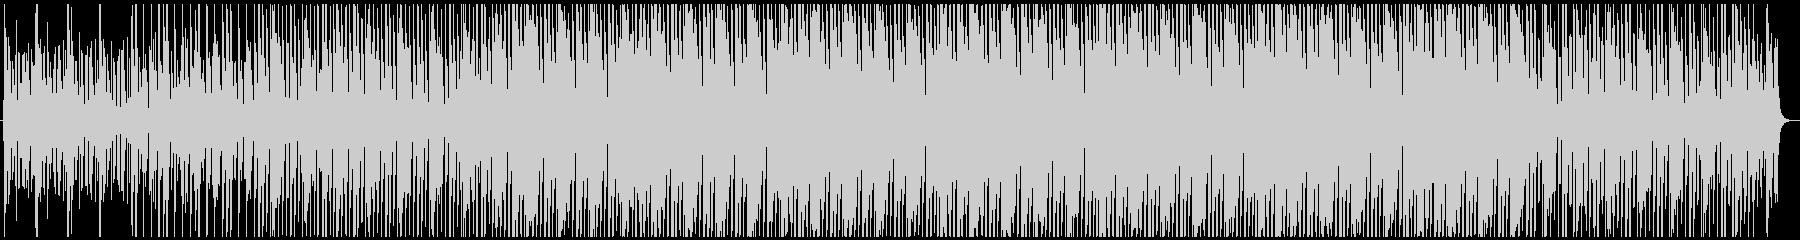 アコーステックギターのリズミックなBGMの未再生の波形